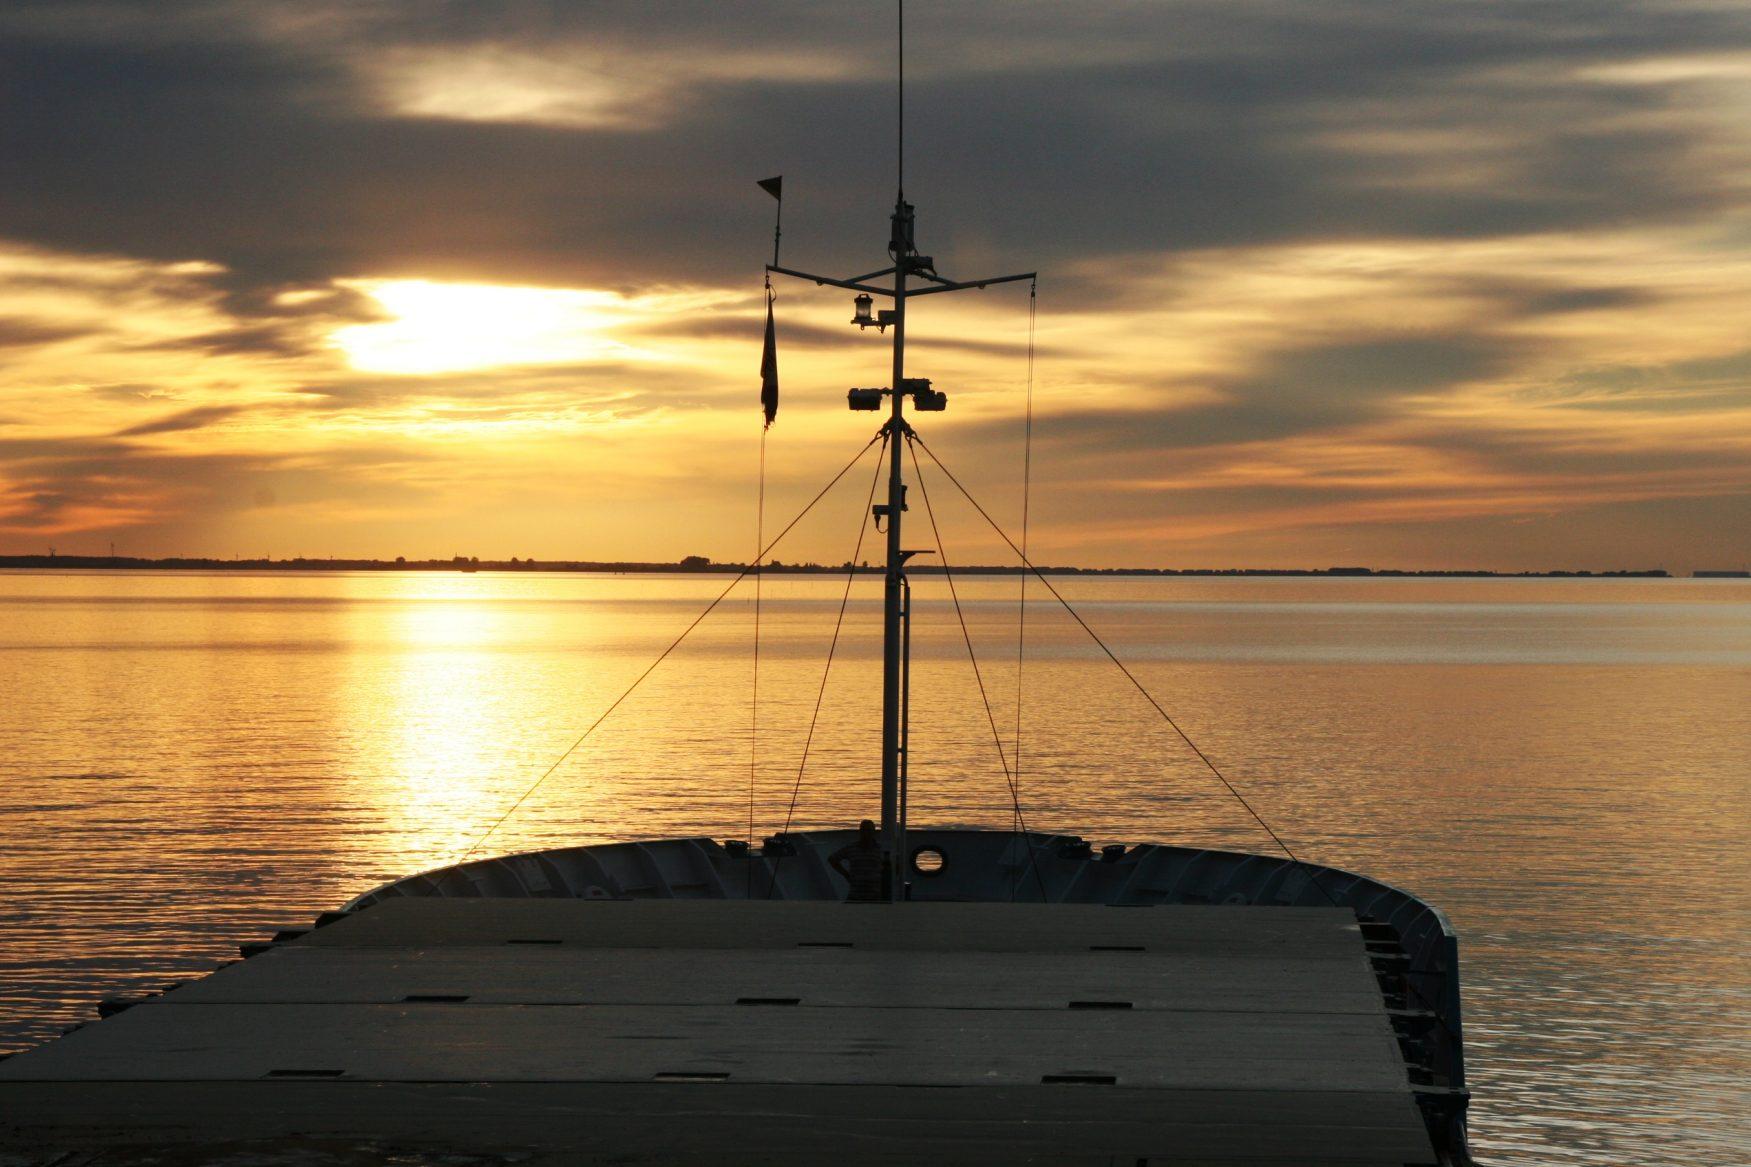 Stille Fahrt in den Sonnenuntergang auf dem Greifswalder Bodden Foto: Dr. Peer Schmidt-Walther